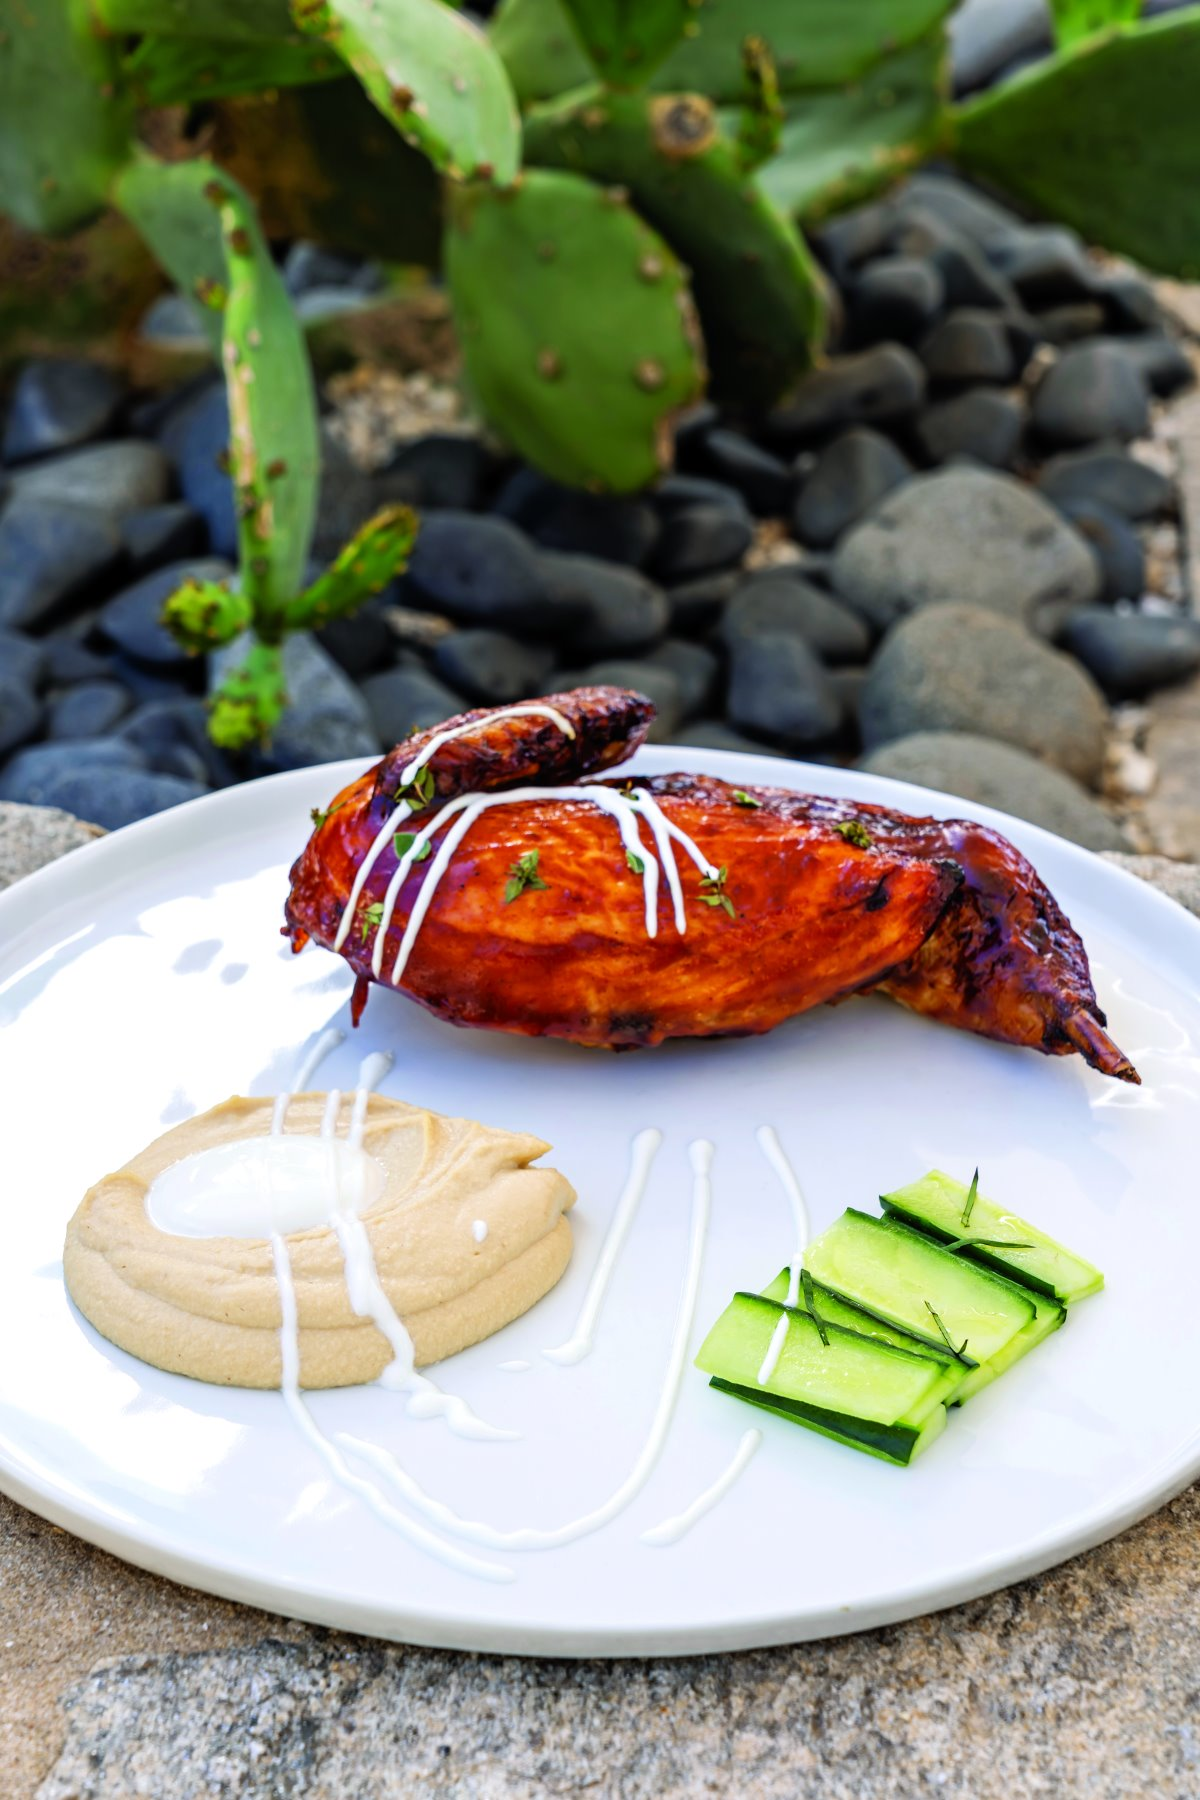 Εκλεκτές γευστικές προτάσεις στο Karino Νάουσα Πάρος